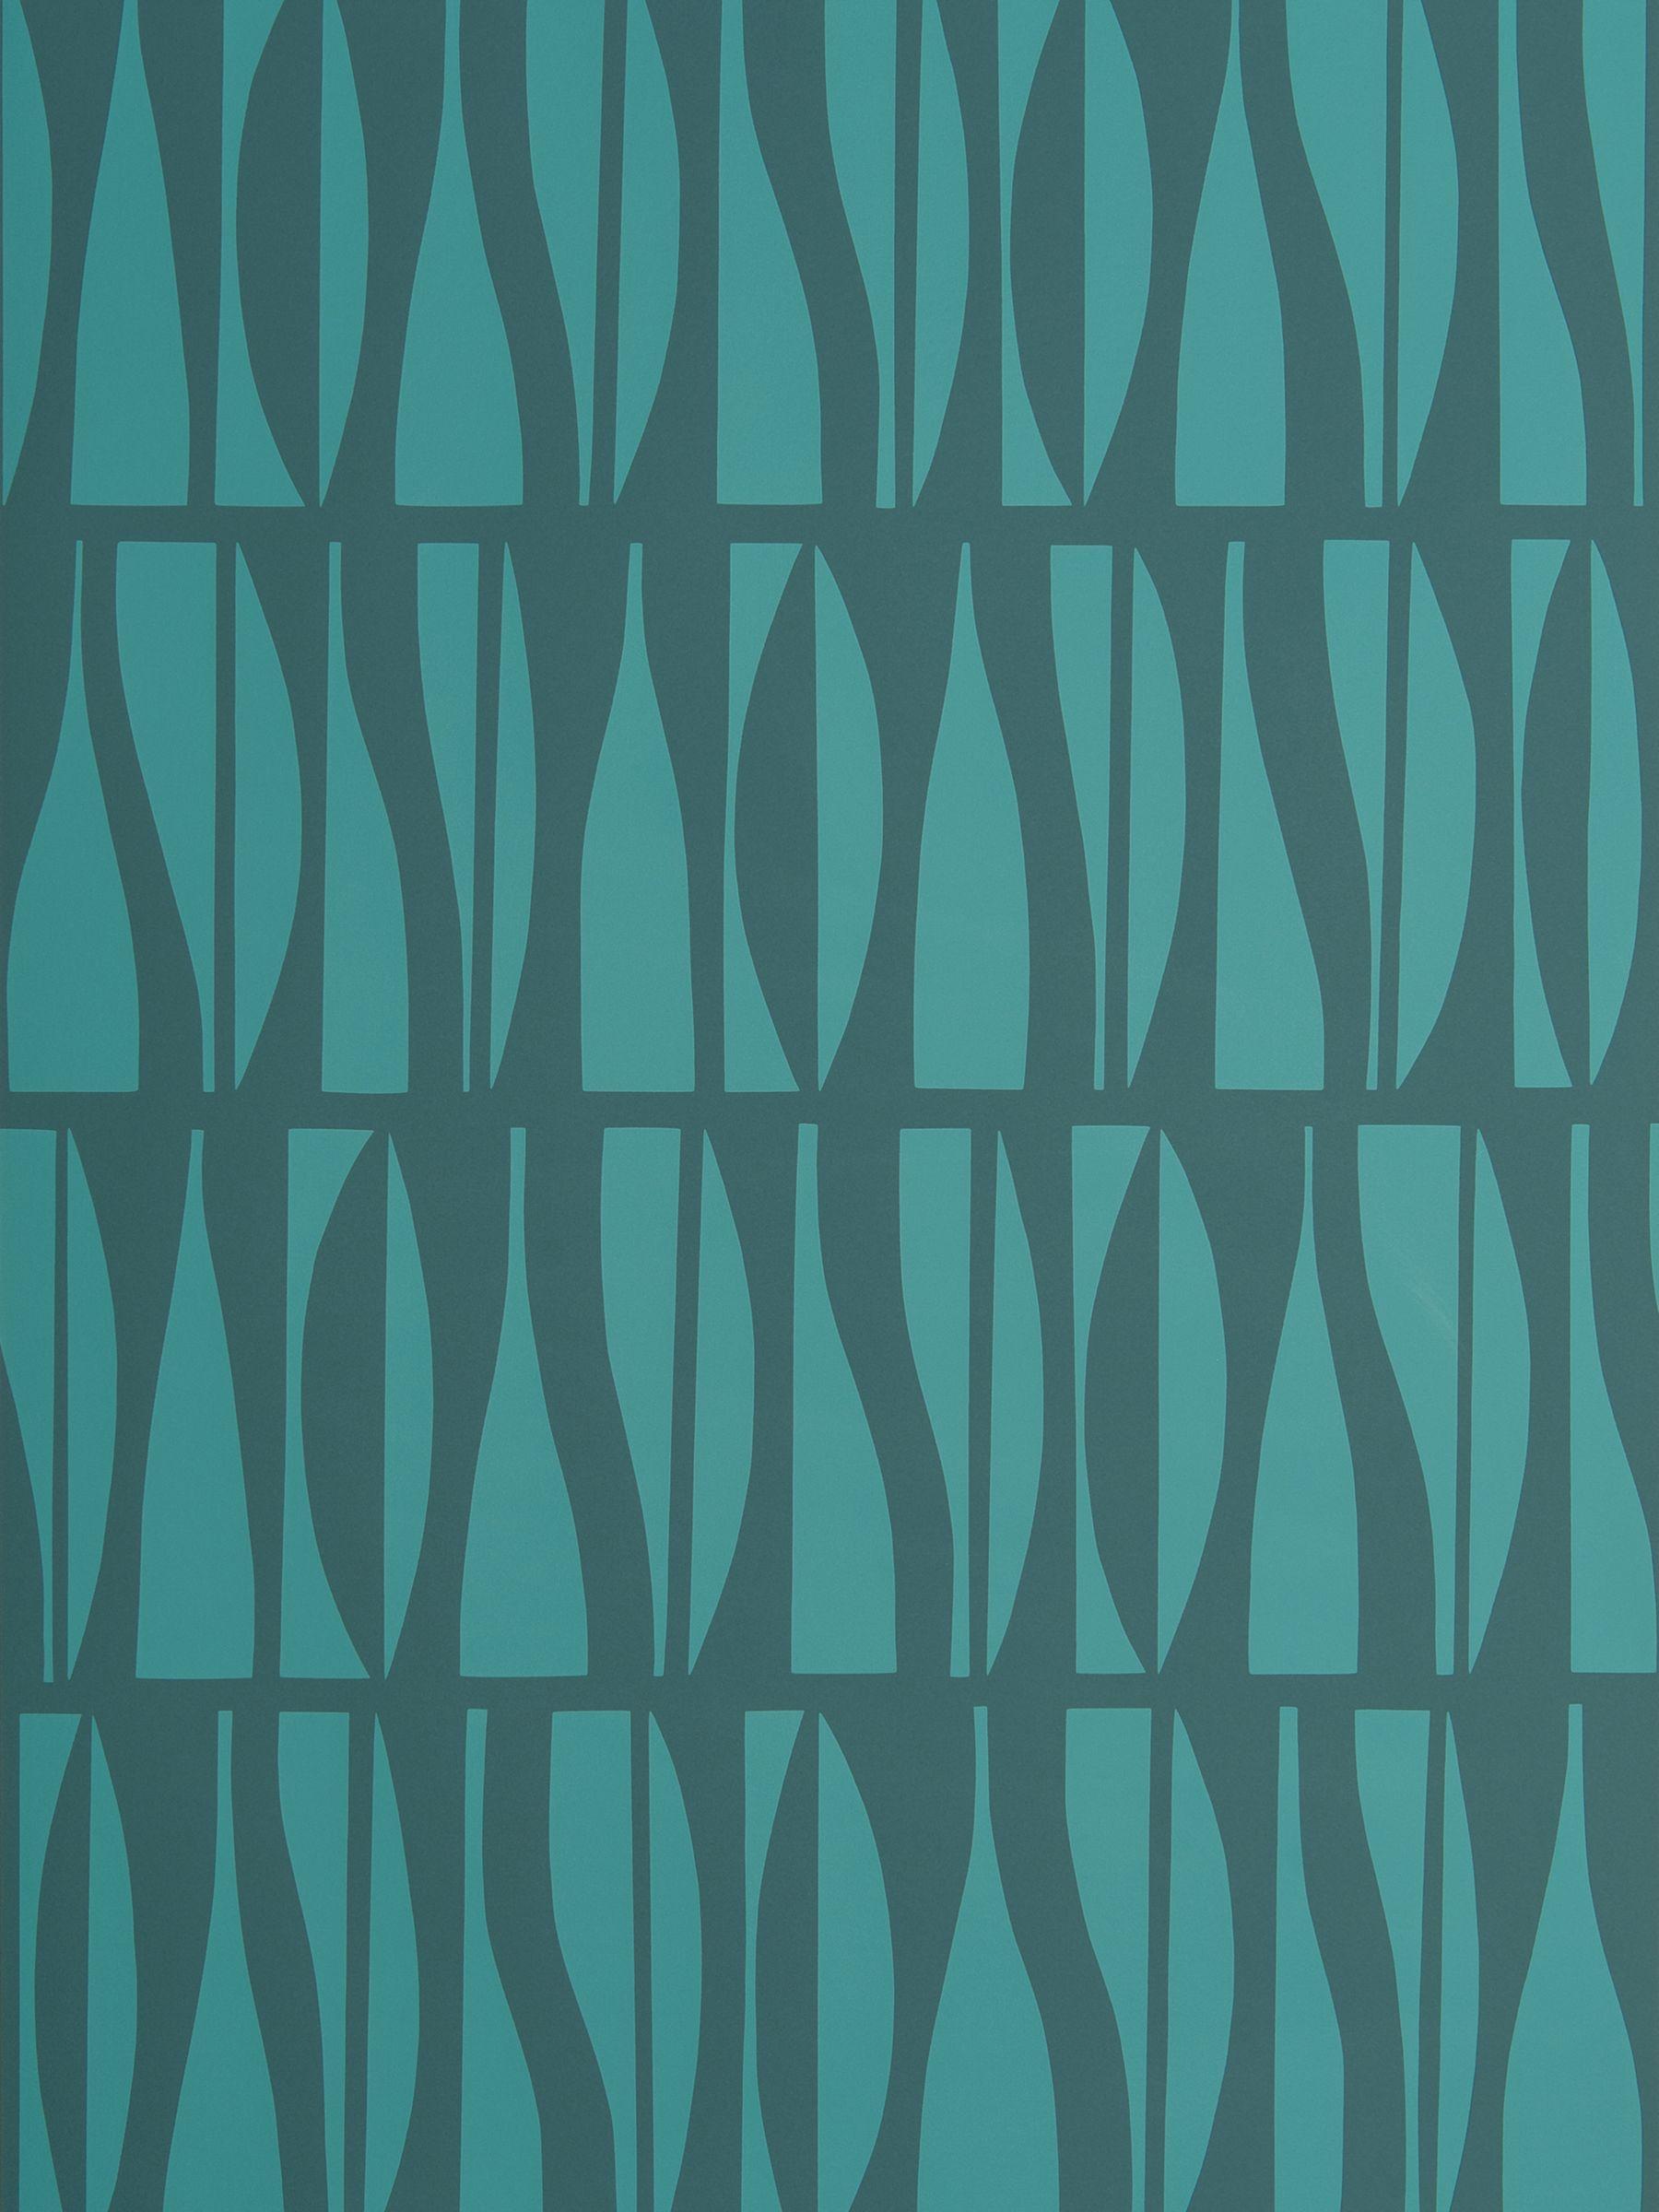 Missprint Bottles Wallpaper Wallpaper Bottle Sister Wallpaper